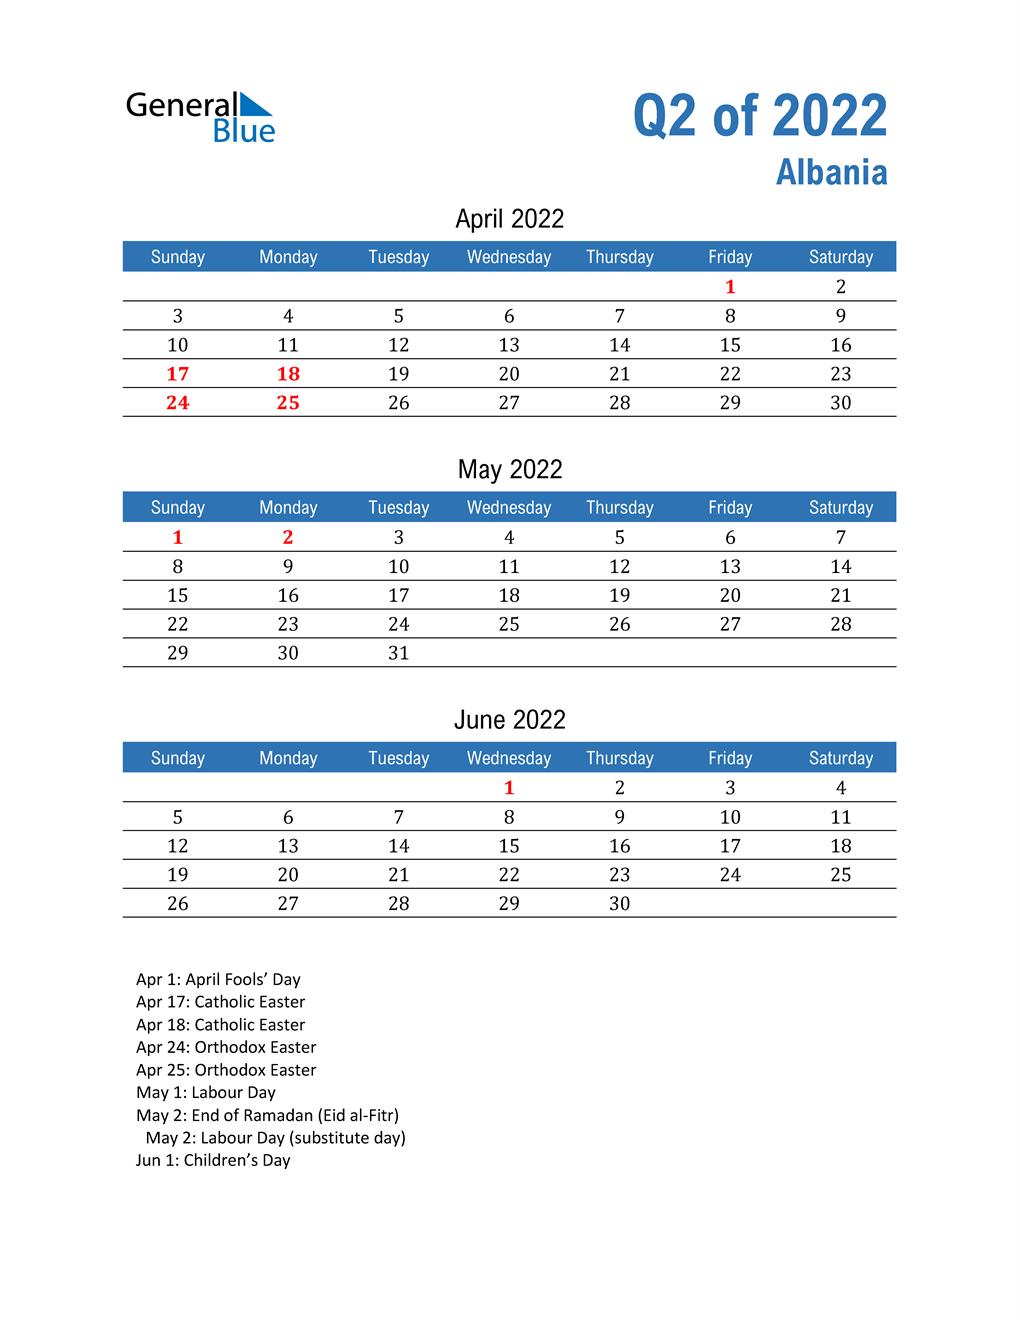 Albania 2022 Quarterly Calendar